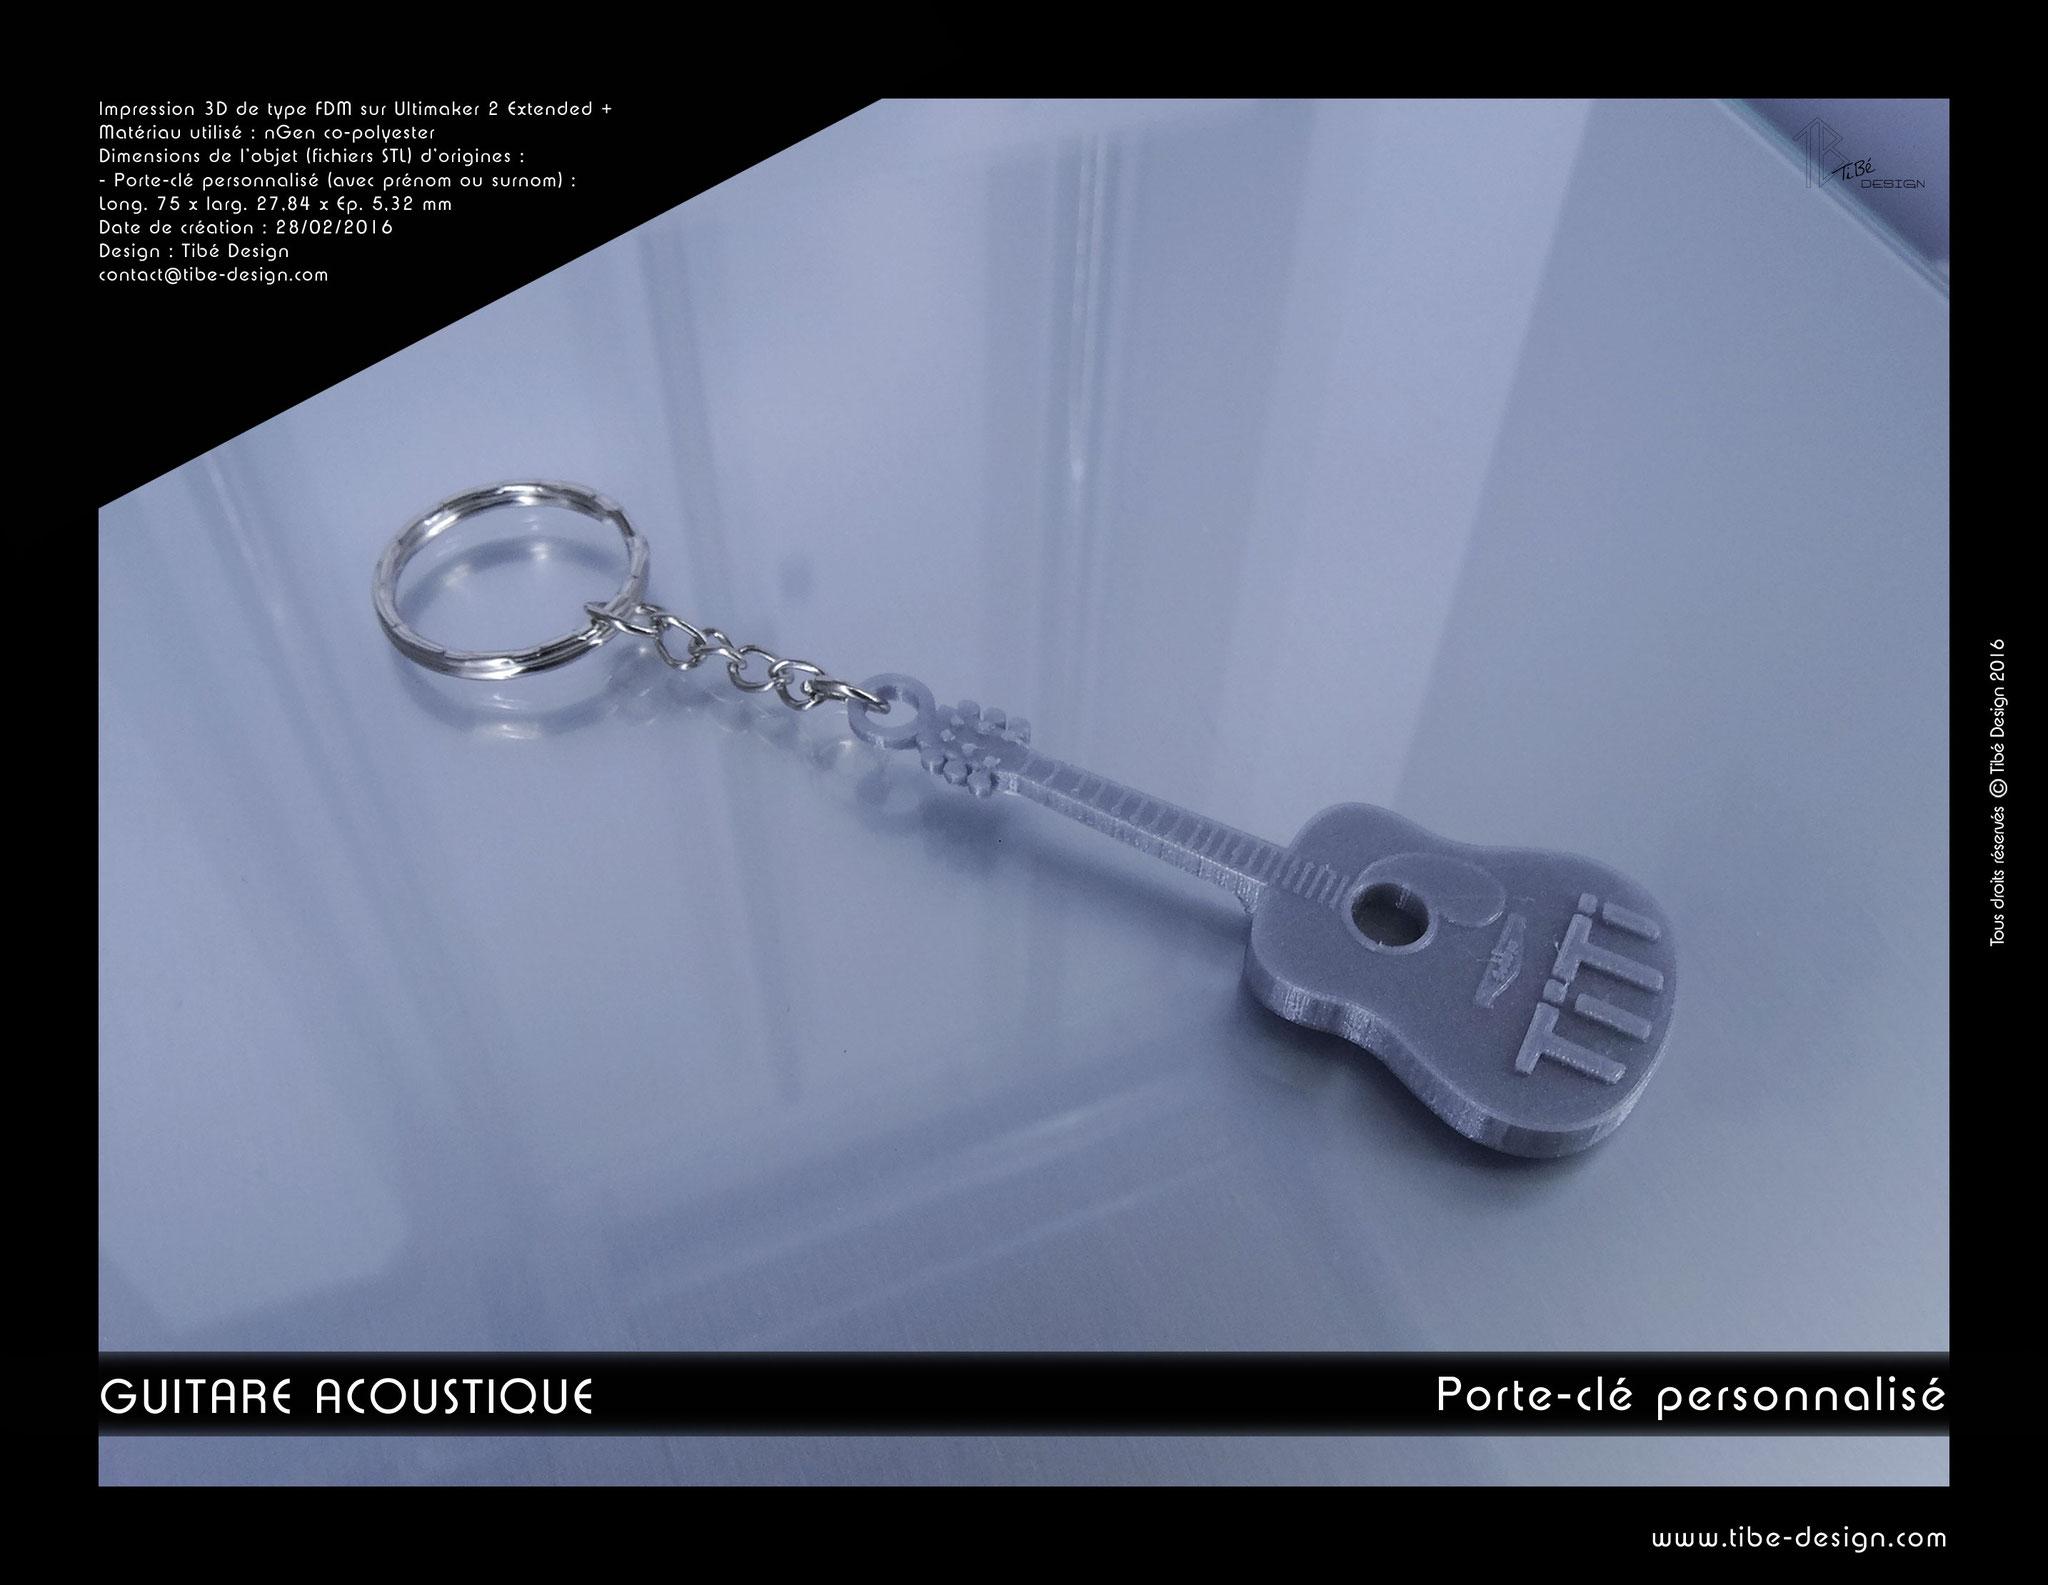 Porte-clés personnalisé print 3D Guitare acoustique